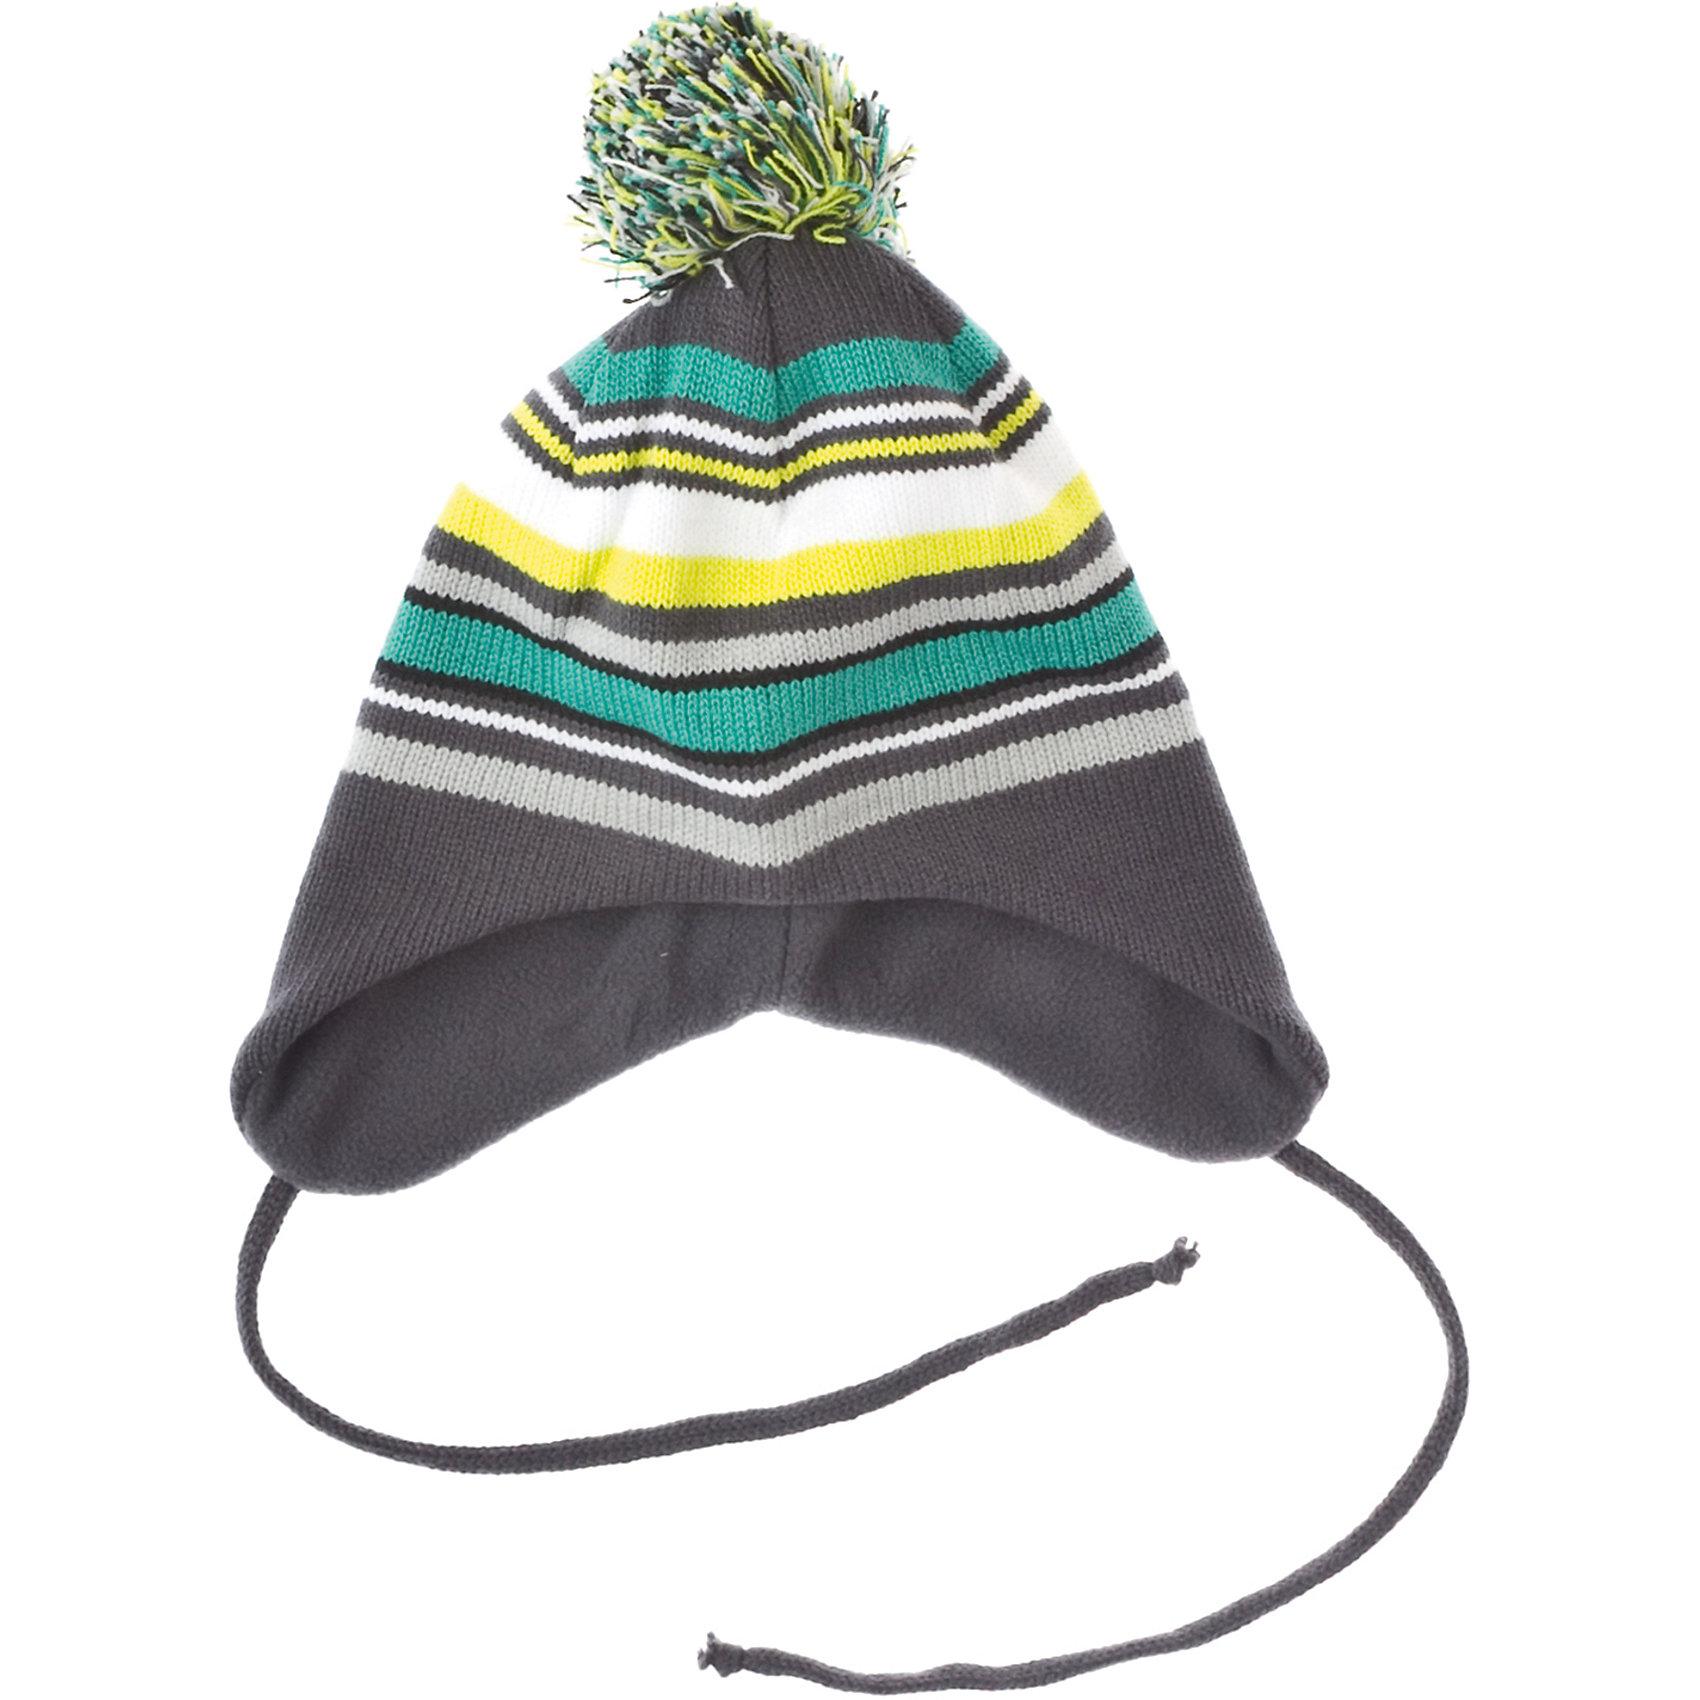 Шапка для мальчика PlayTodayШапка для мальчика PlayToday Теплая трикотажная шапка с помпоном и завязками. Дополнительно утеплена подкладкой из флиса. Состав: Верх: 60% хлопок, 40% акрил Подкладка: 100% полиэстер<br><br>Ширина мм: 89<br>Глубина мм: 117<br>Высота мм: 44<br>Вес г: 155<br>Цвет: разноцветный<br>Возраст от месяцев: 84<br>Возраст до месяцев: 96<br>Пол: Мужской<br>Возраст: Детский<br>Размер: 54,52,50<br>SKU: 4227812